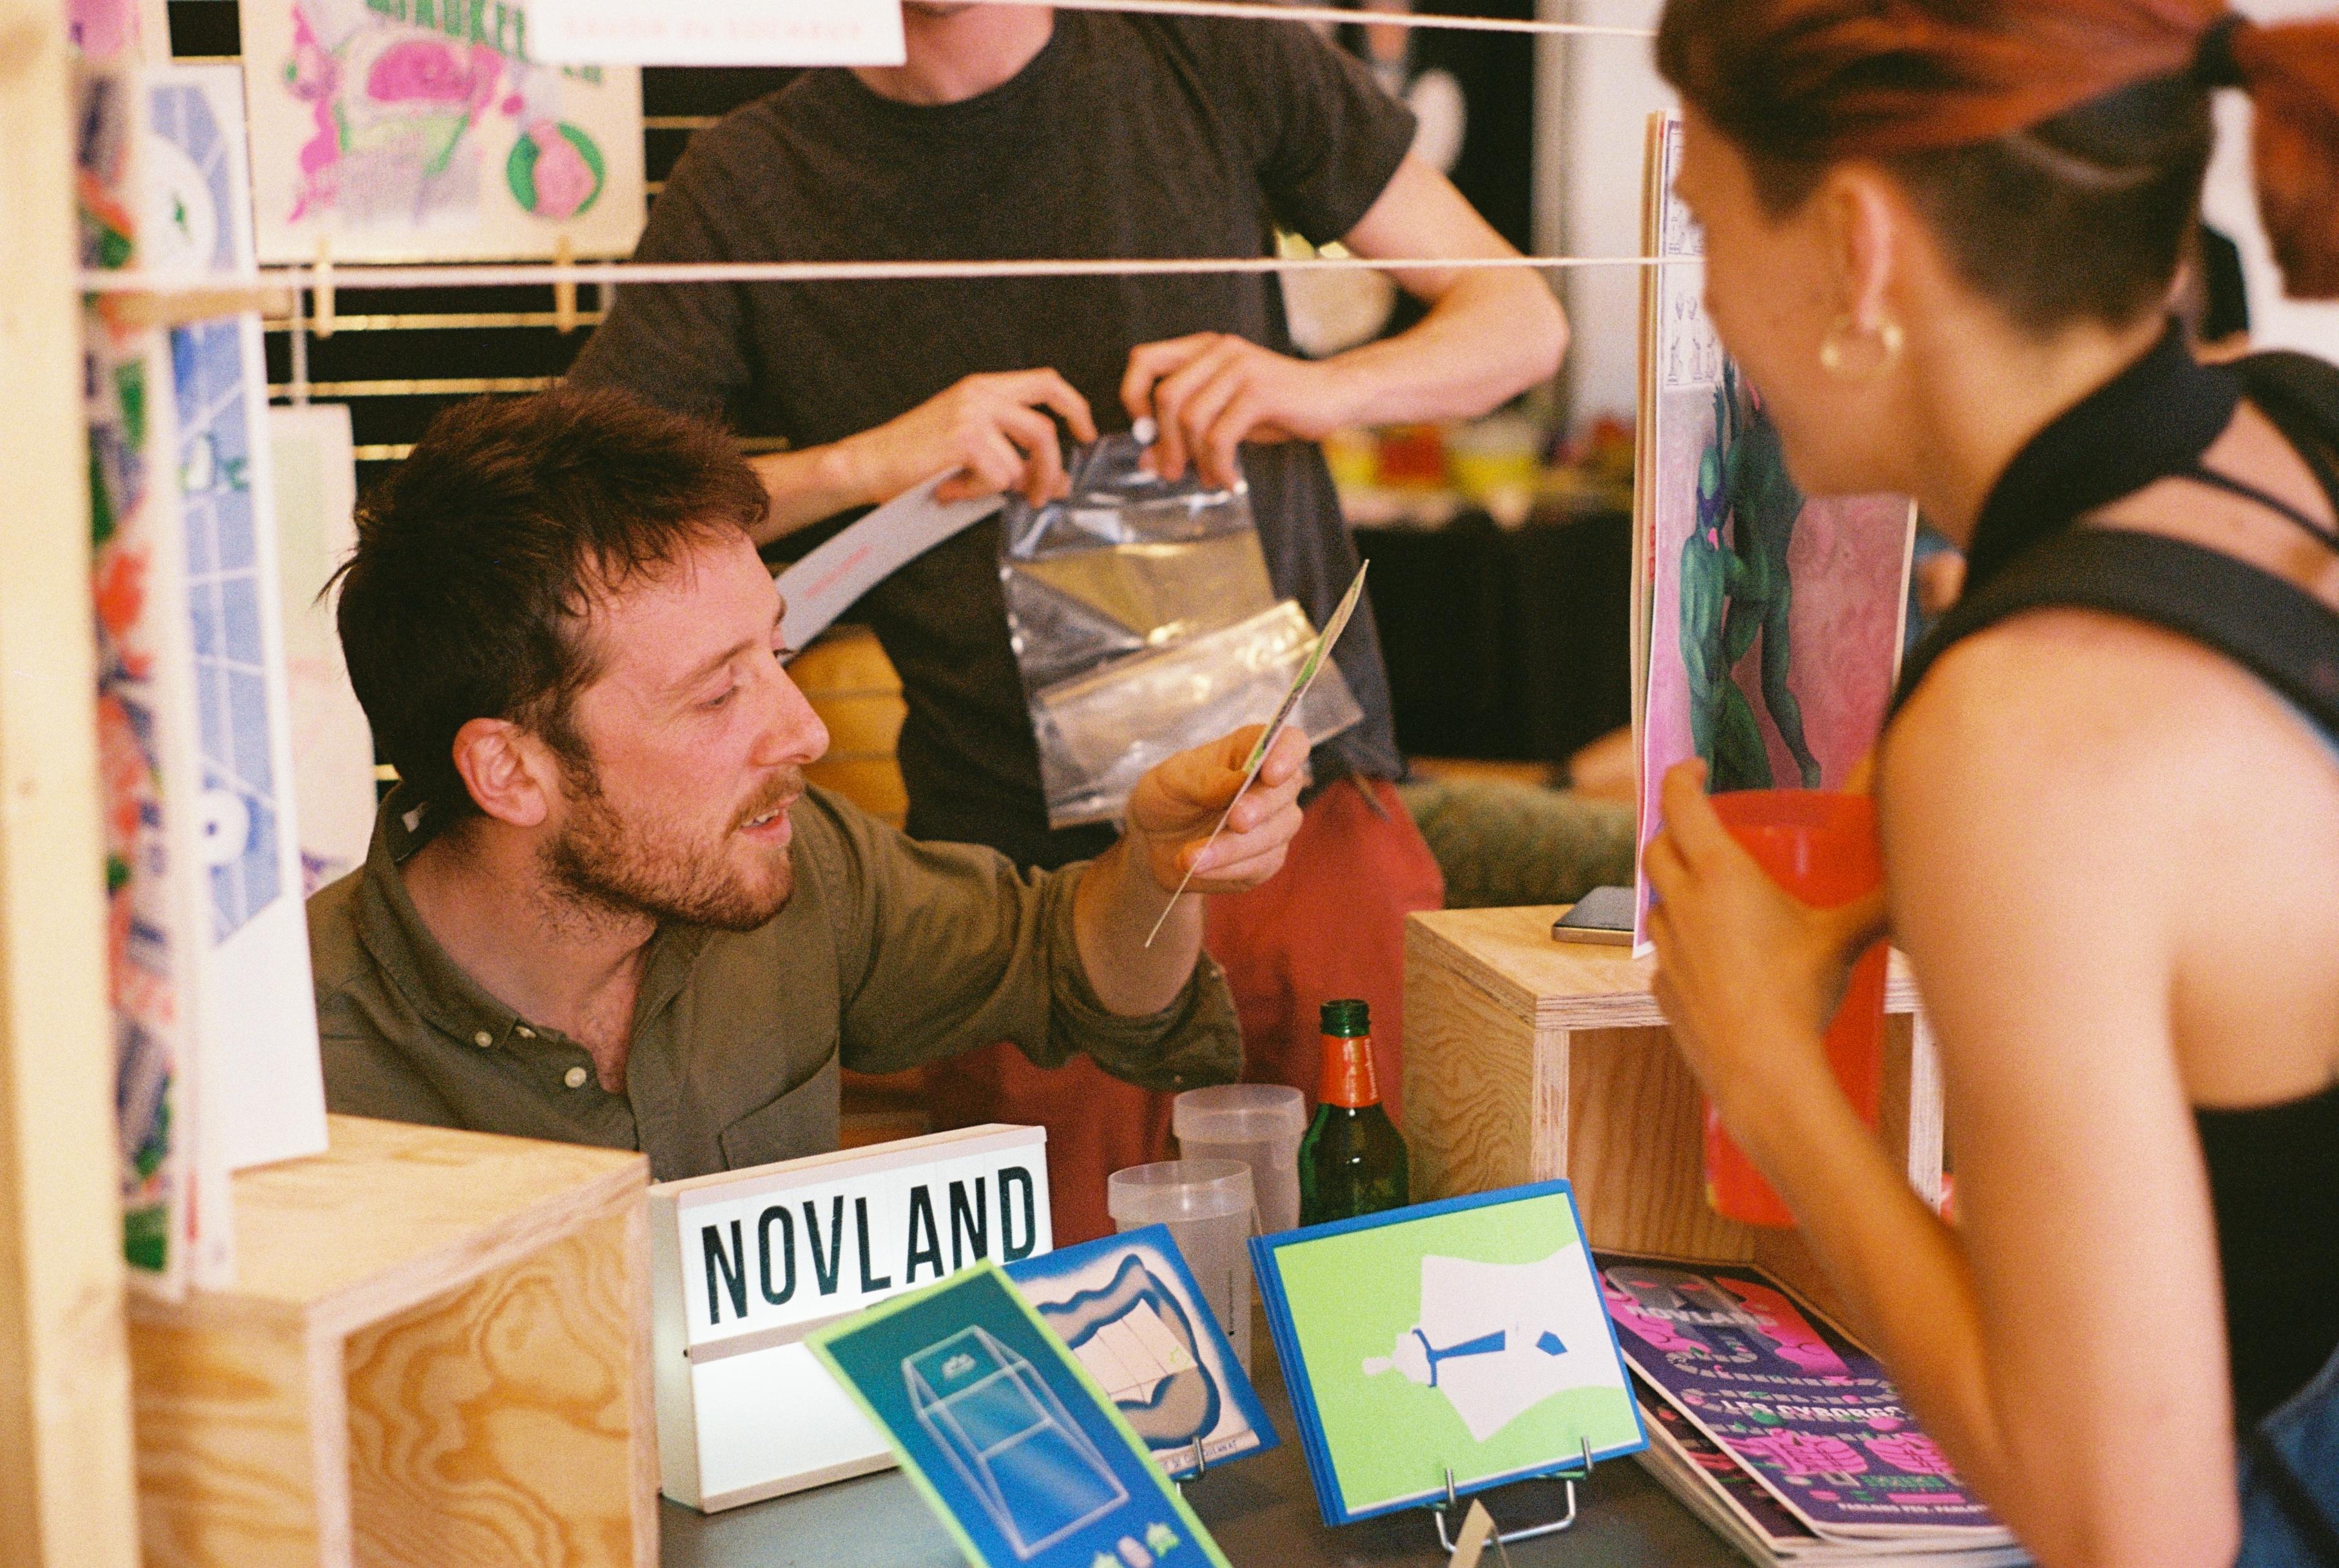 Le festival avait aussi invité six artistes graphiques présents sur le site